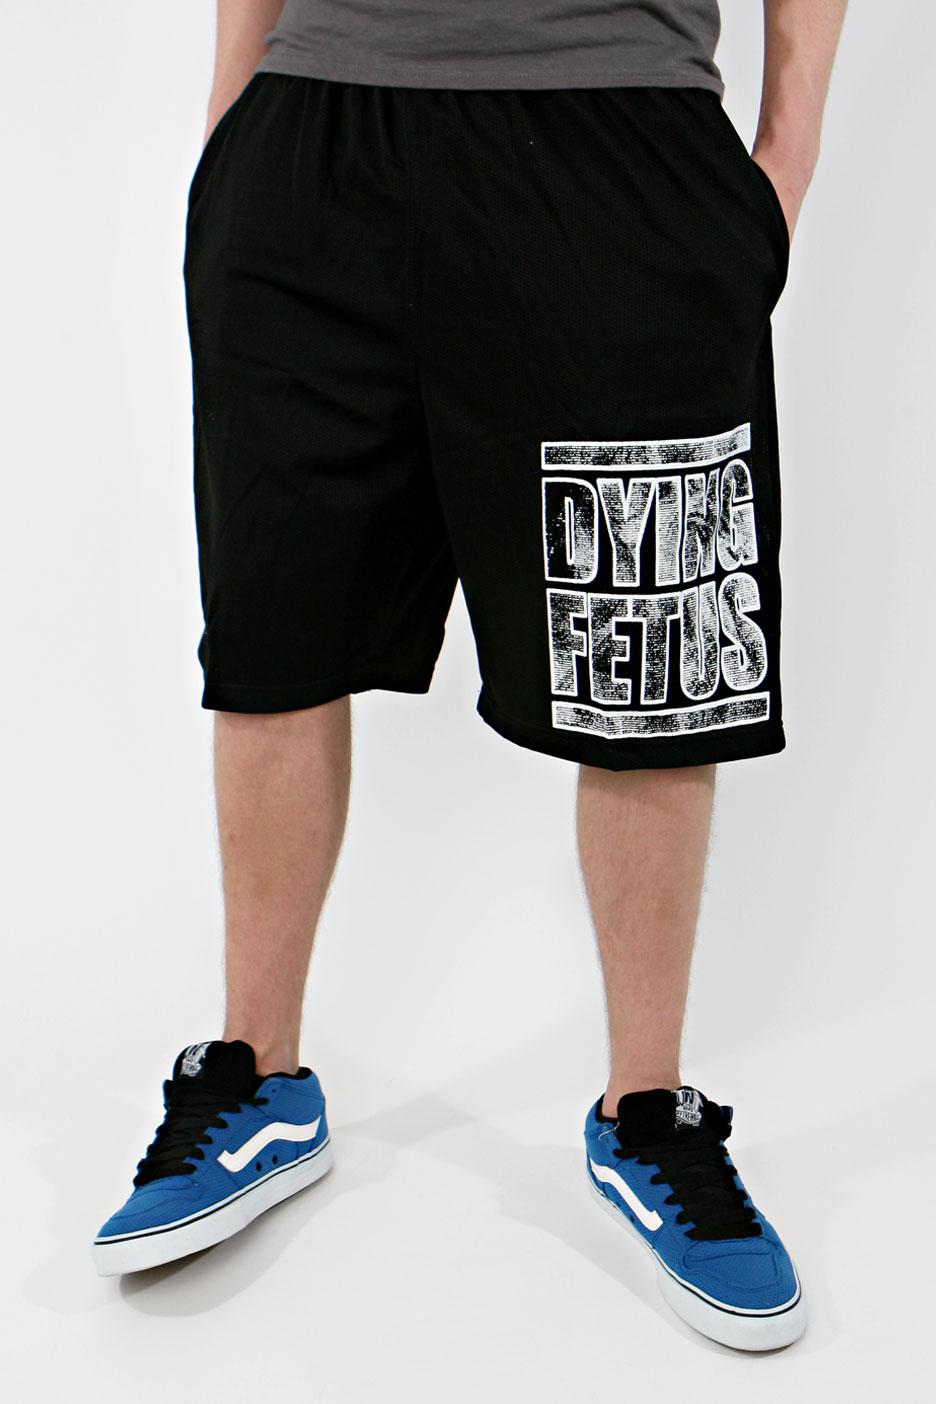 dying fetus logo shorts impericoncom uk